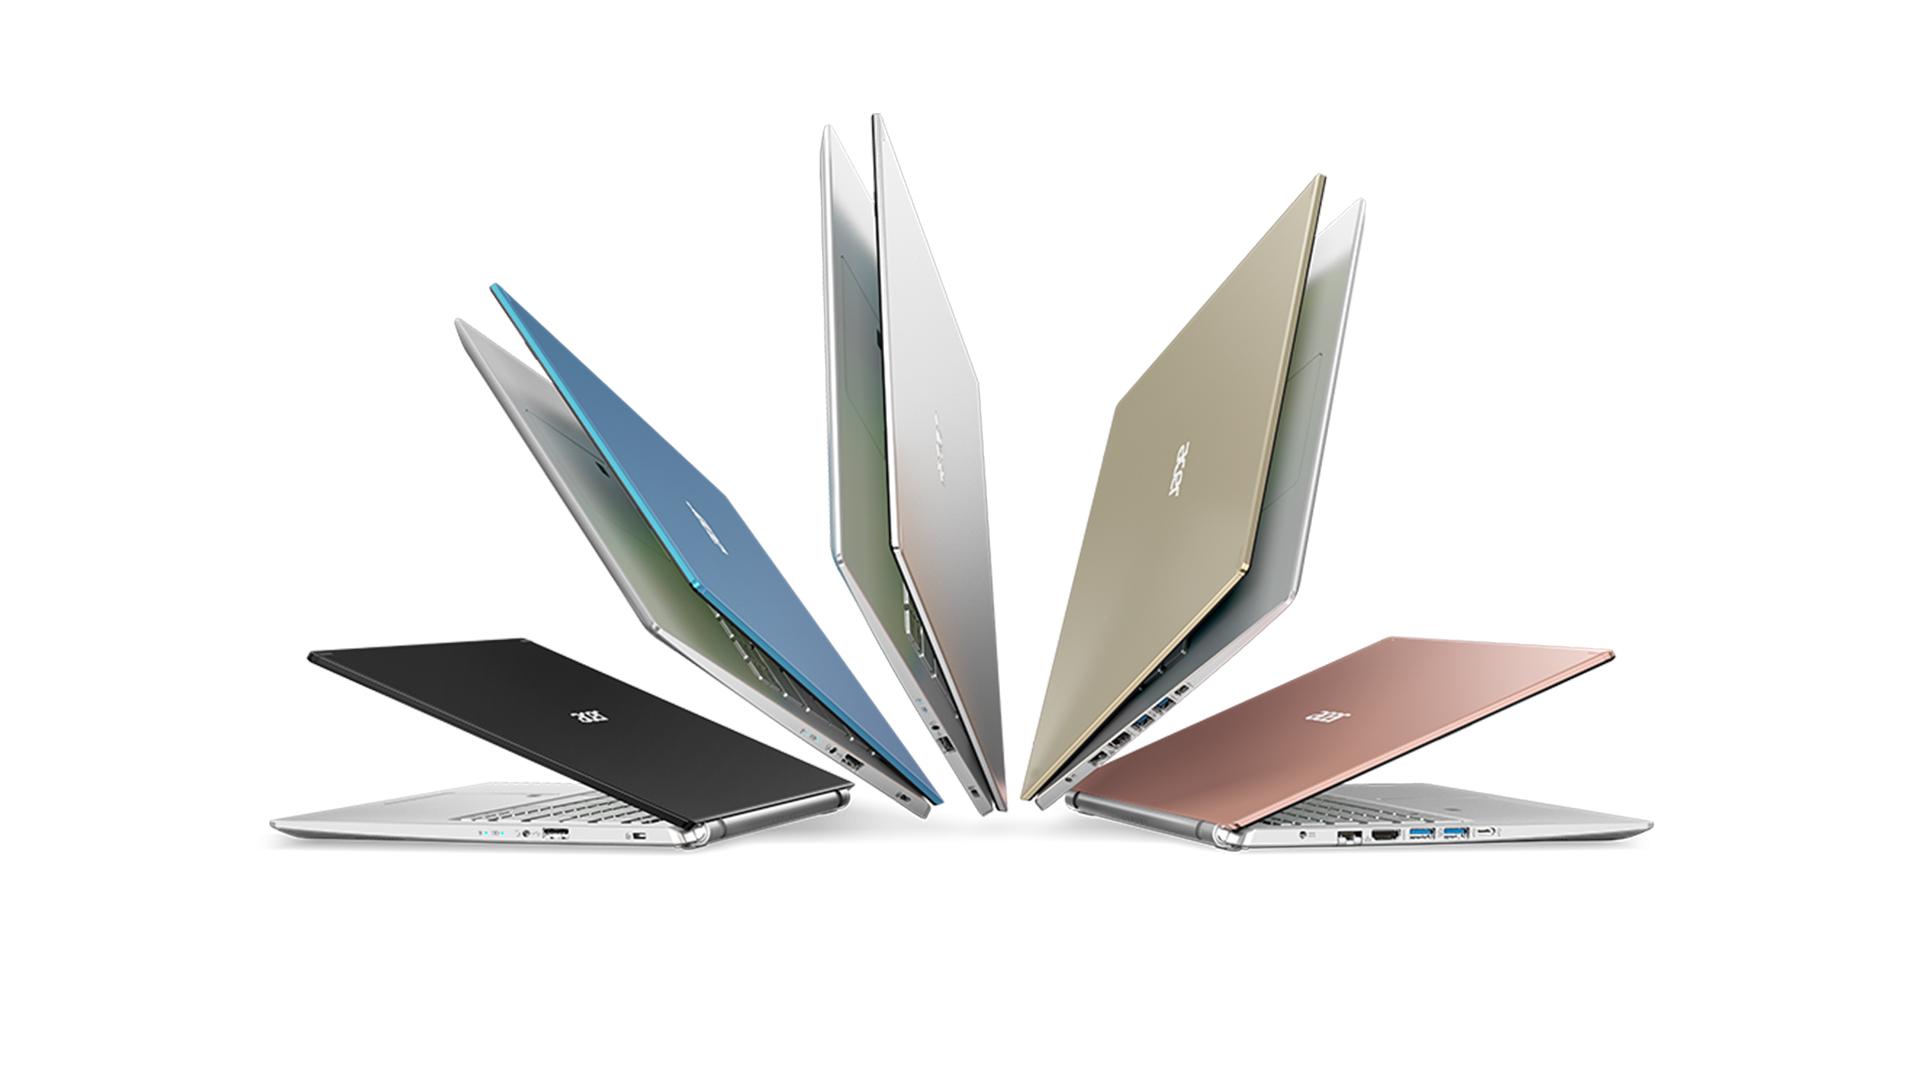 صورة لاب توب Acer Swift 3X سيعتمد على معالج Intel Iris Xe Max الرسومي!